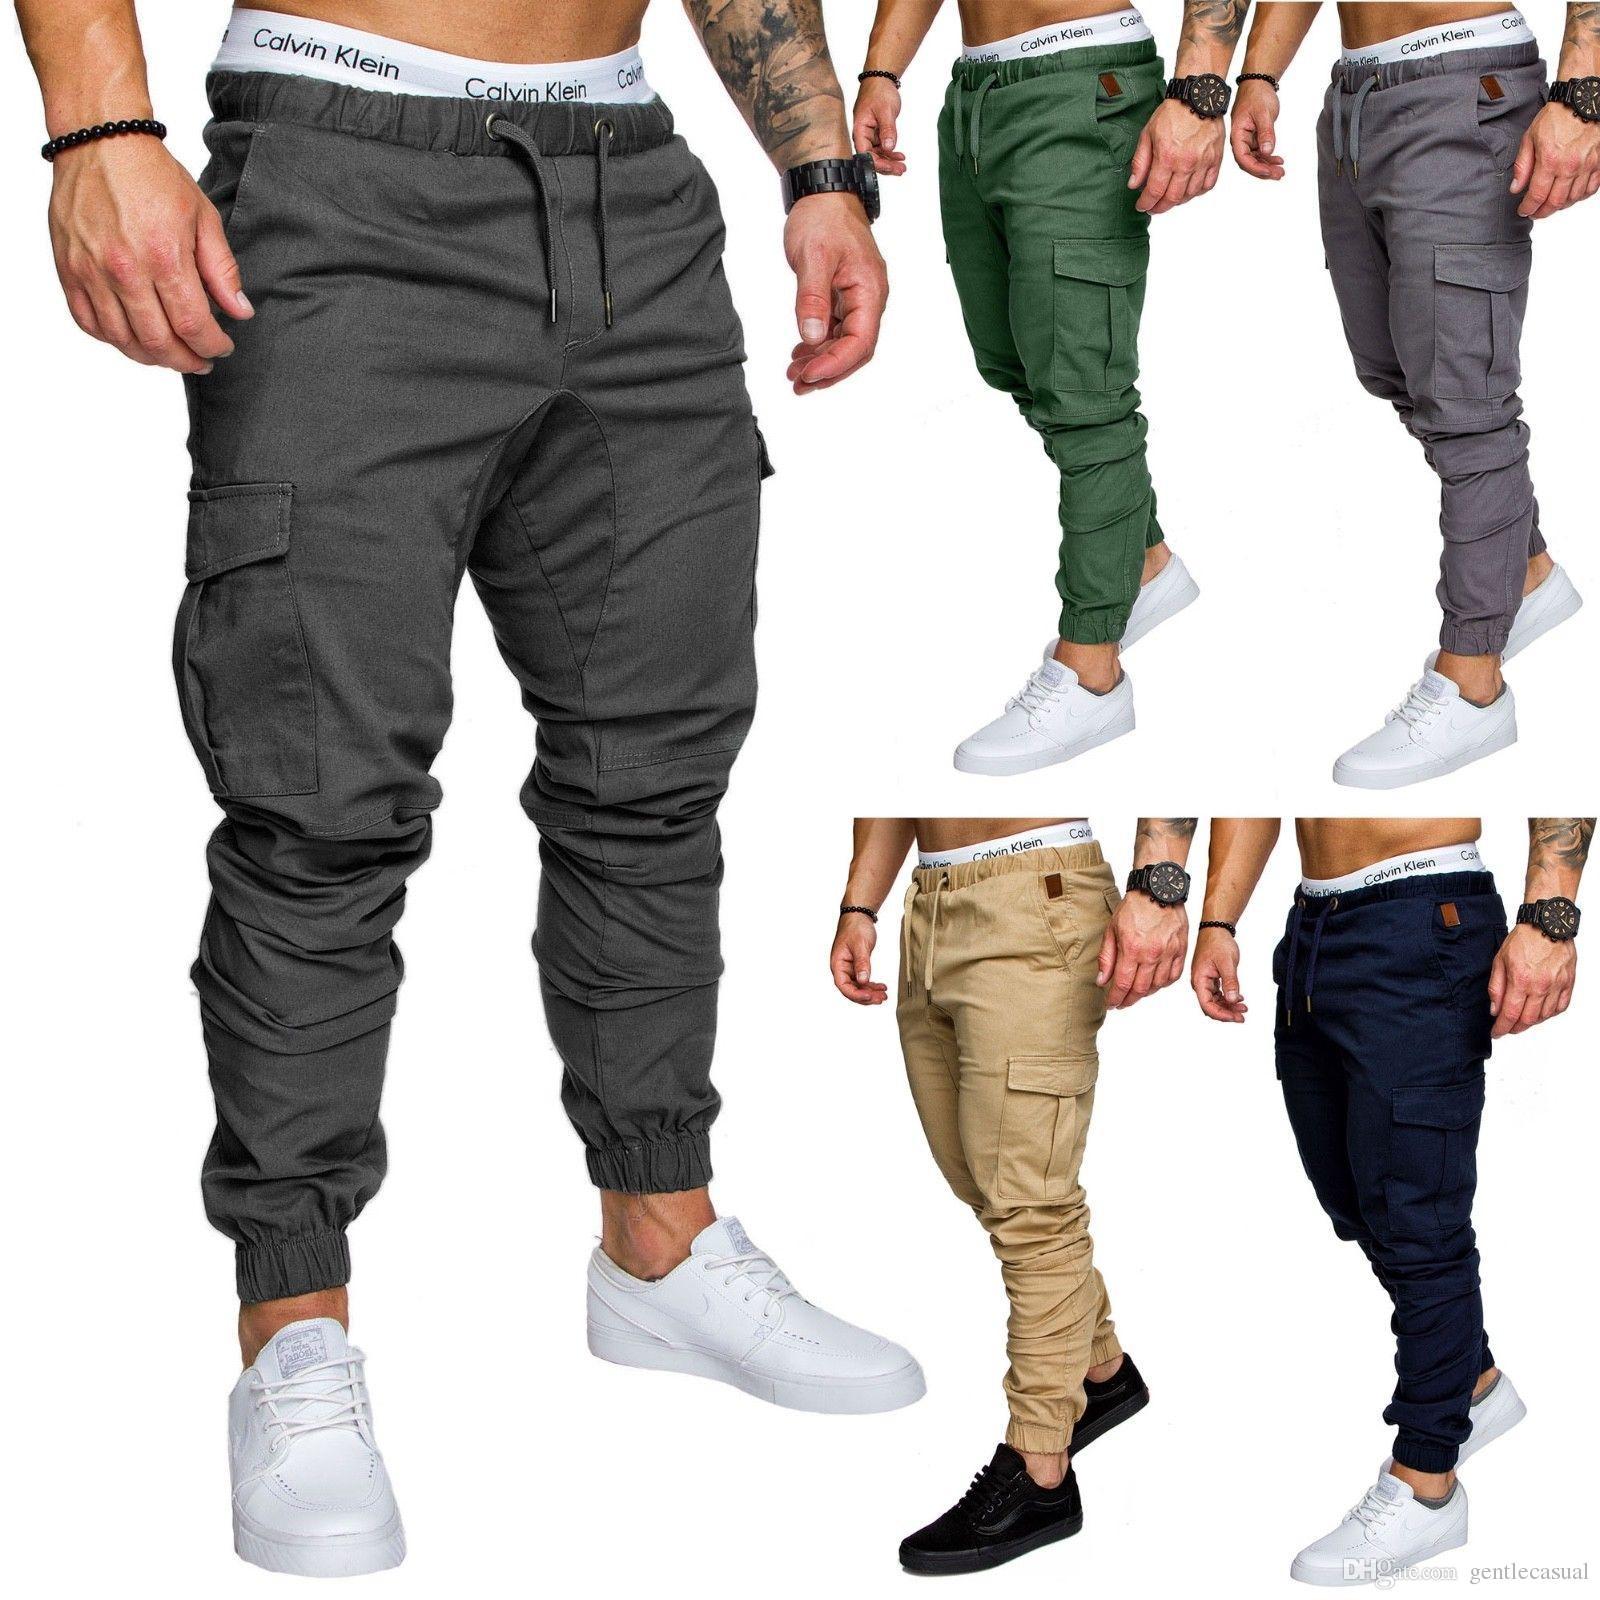 03db0ce4 Men Harem Pant Loose Fit Trousers Cotton Elastic Waist Long Pants Jogger  Pants Sweatpants Skinny Pencil Pants M-4XL